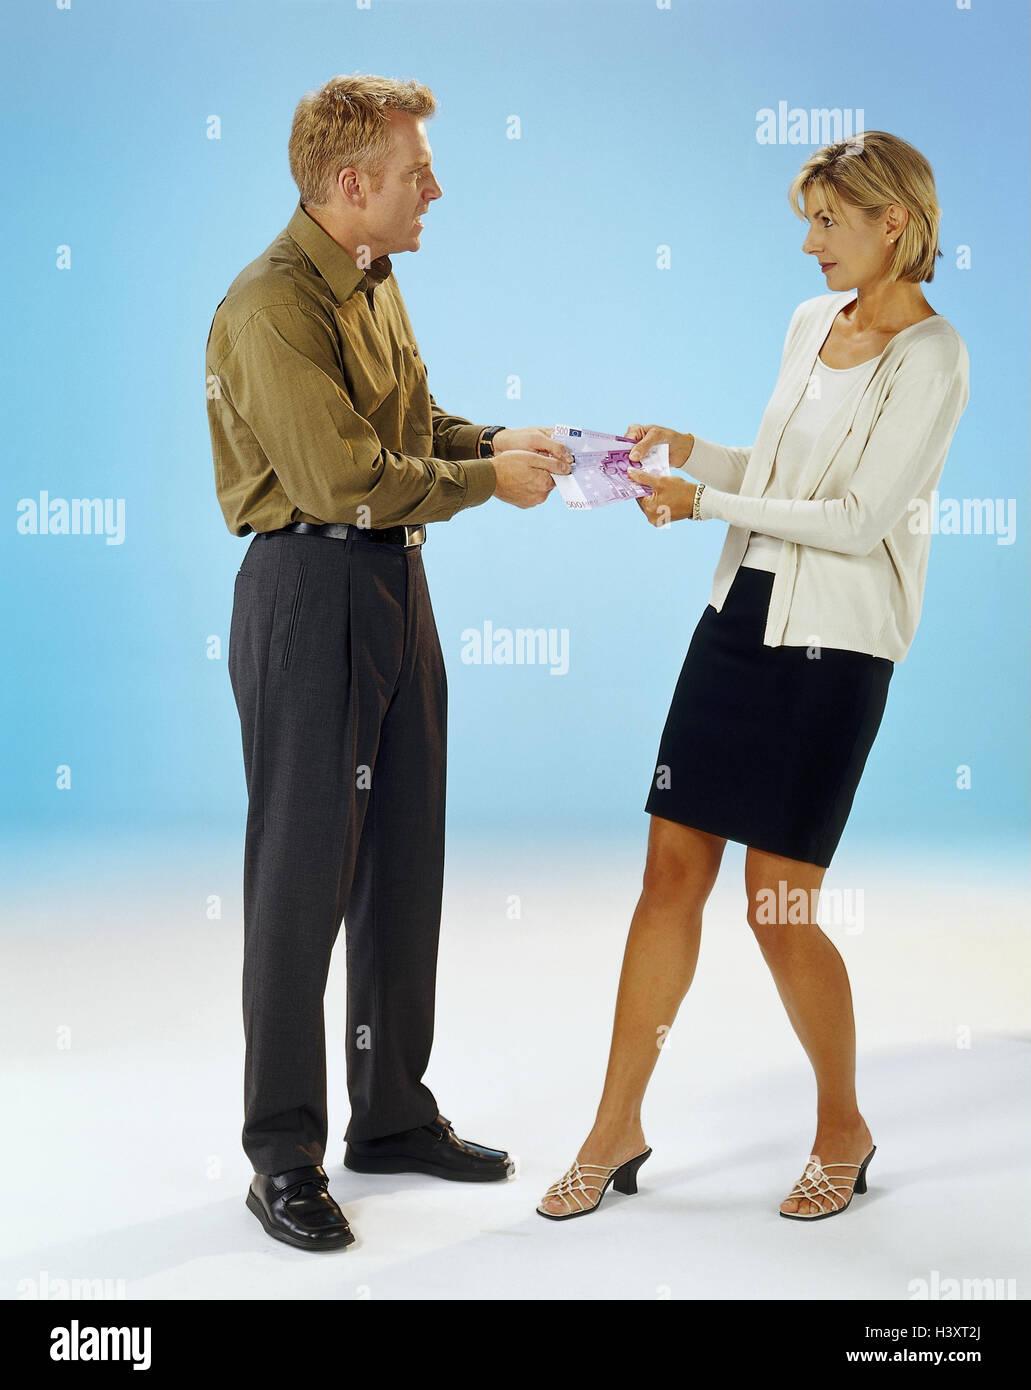 Coppia di sposi e le pulizie denaro, lotta, partenariato, rispetto, giovane, giovani, conflitto, problemi intransigenza, Immagini Stock